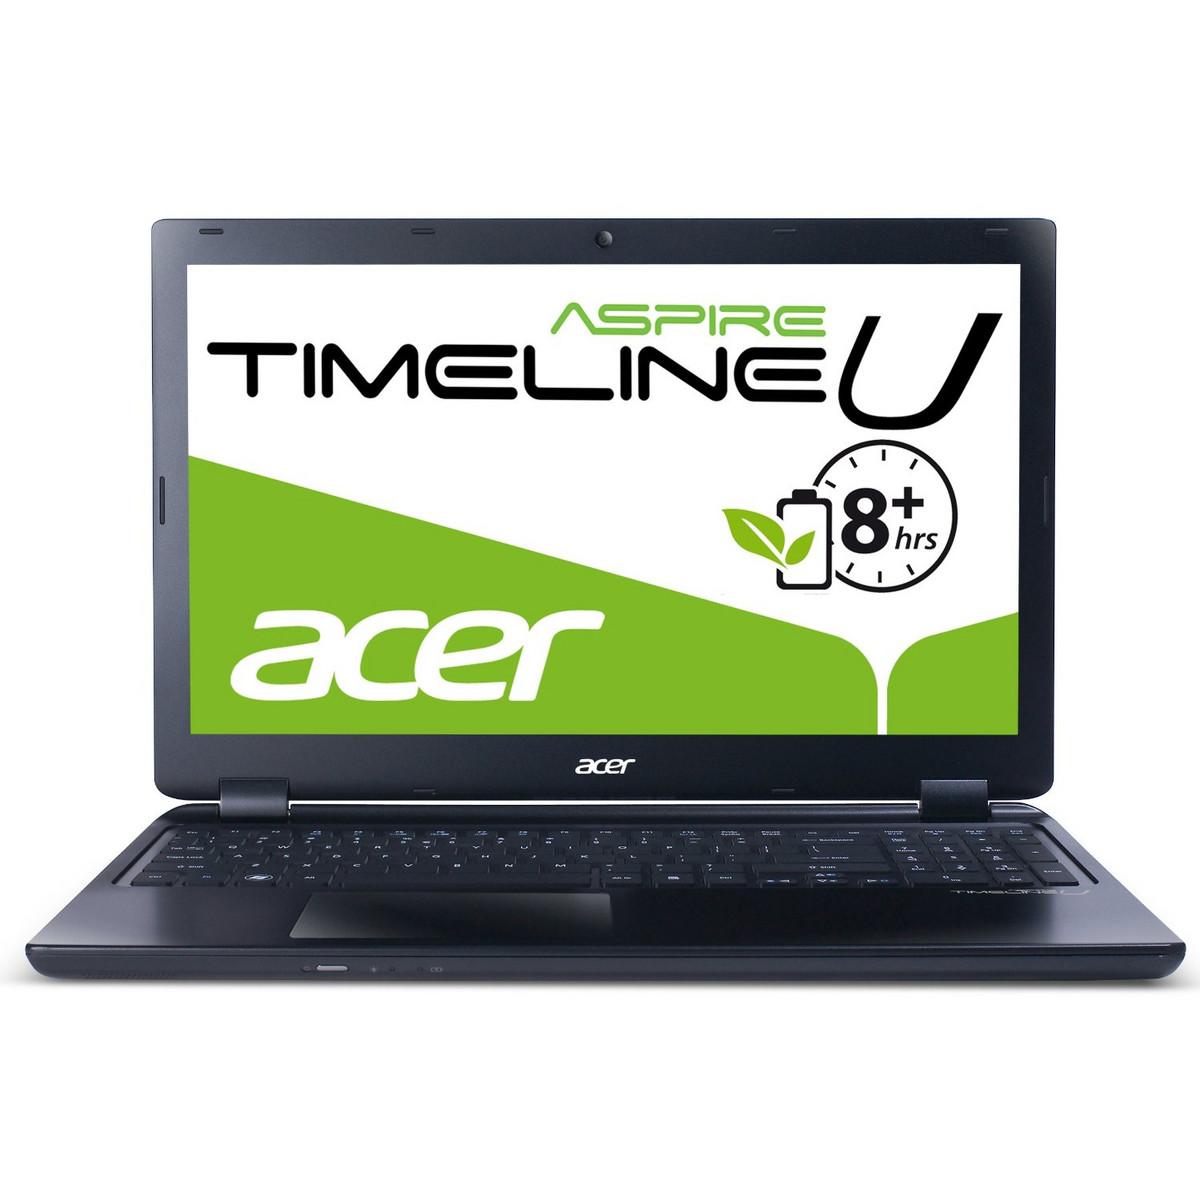 Acer Aspire M3 581TG 7376G25Mnkk